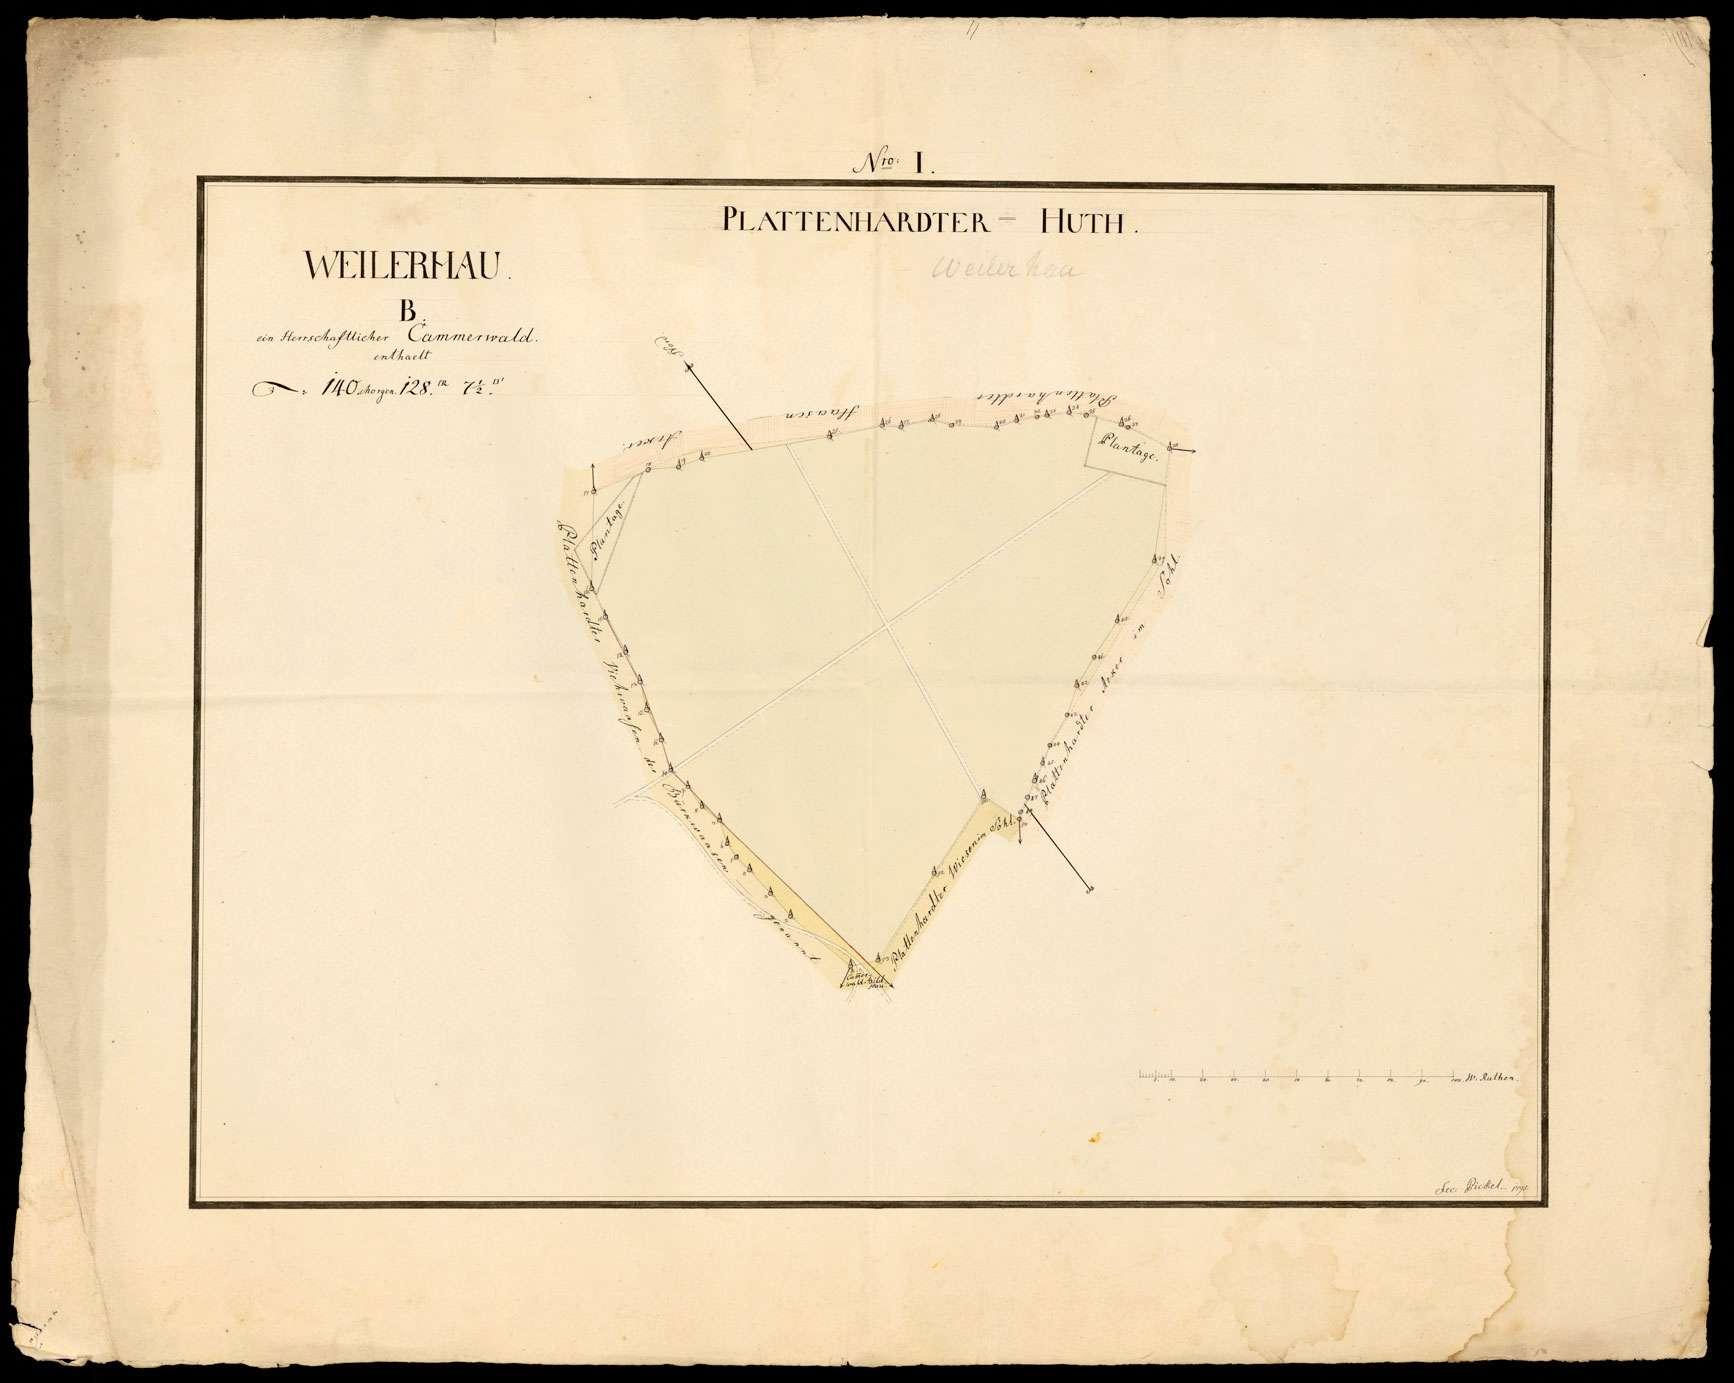 [Plattenhardter Hut: herrschaftlicher Kammerwald Nro. I B Weilerhau], Bild 1